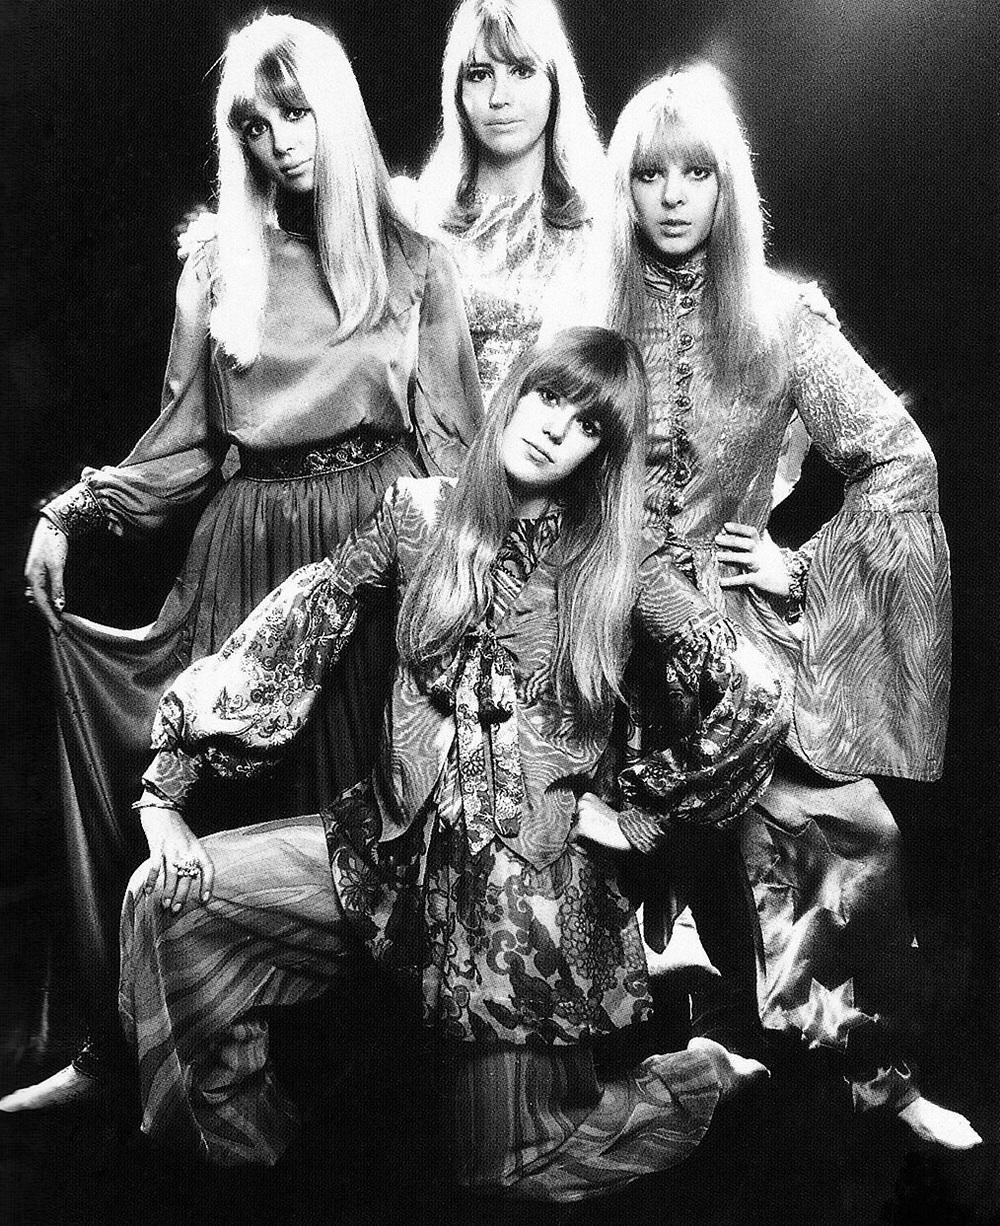 Pattie Boyd, Cynthia Lennon, Maureen Starkey and Jenny Boyd, circa 1967.